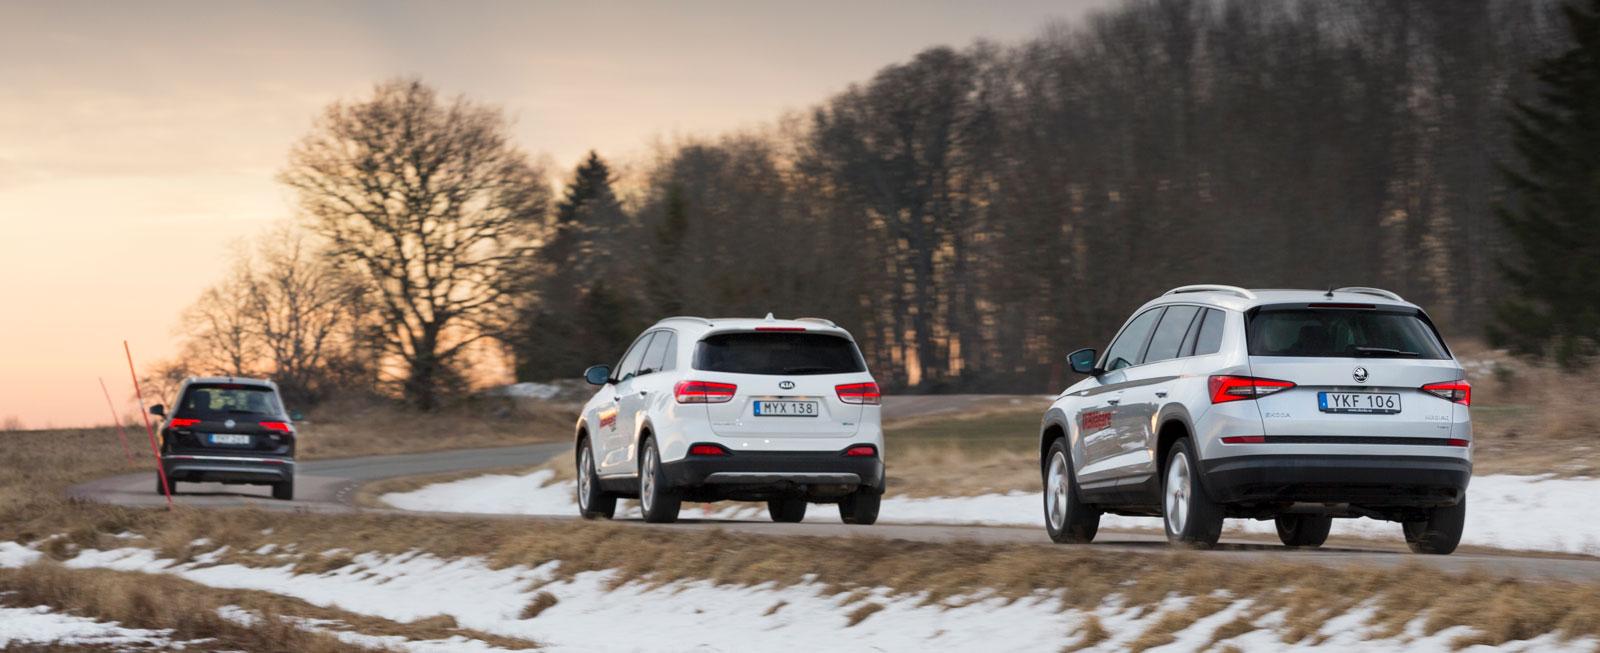 Både Skoda och VW klarar sig precis under 40 kronor i milkostnad medan Kia blir klart dyrare att köra.